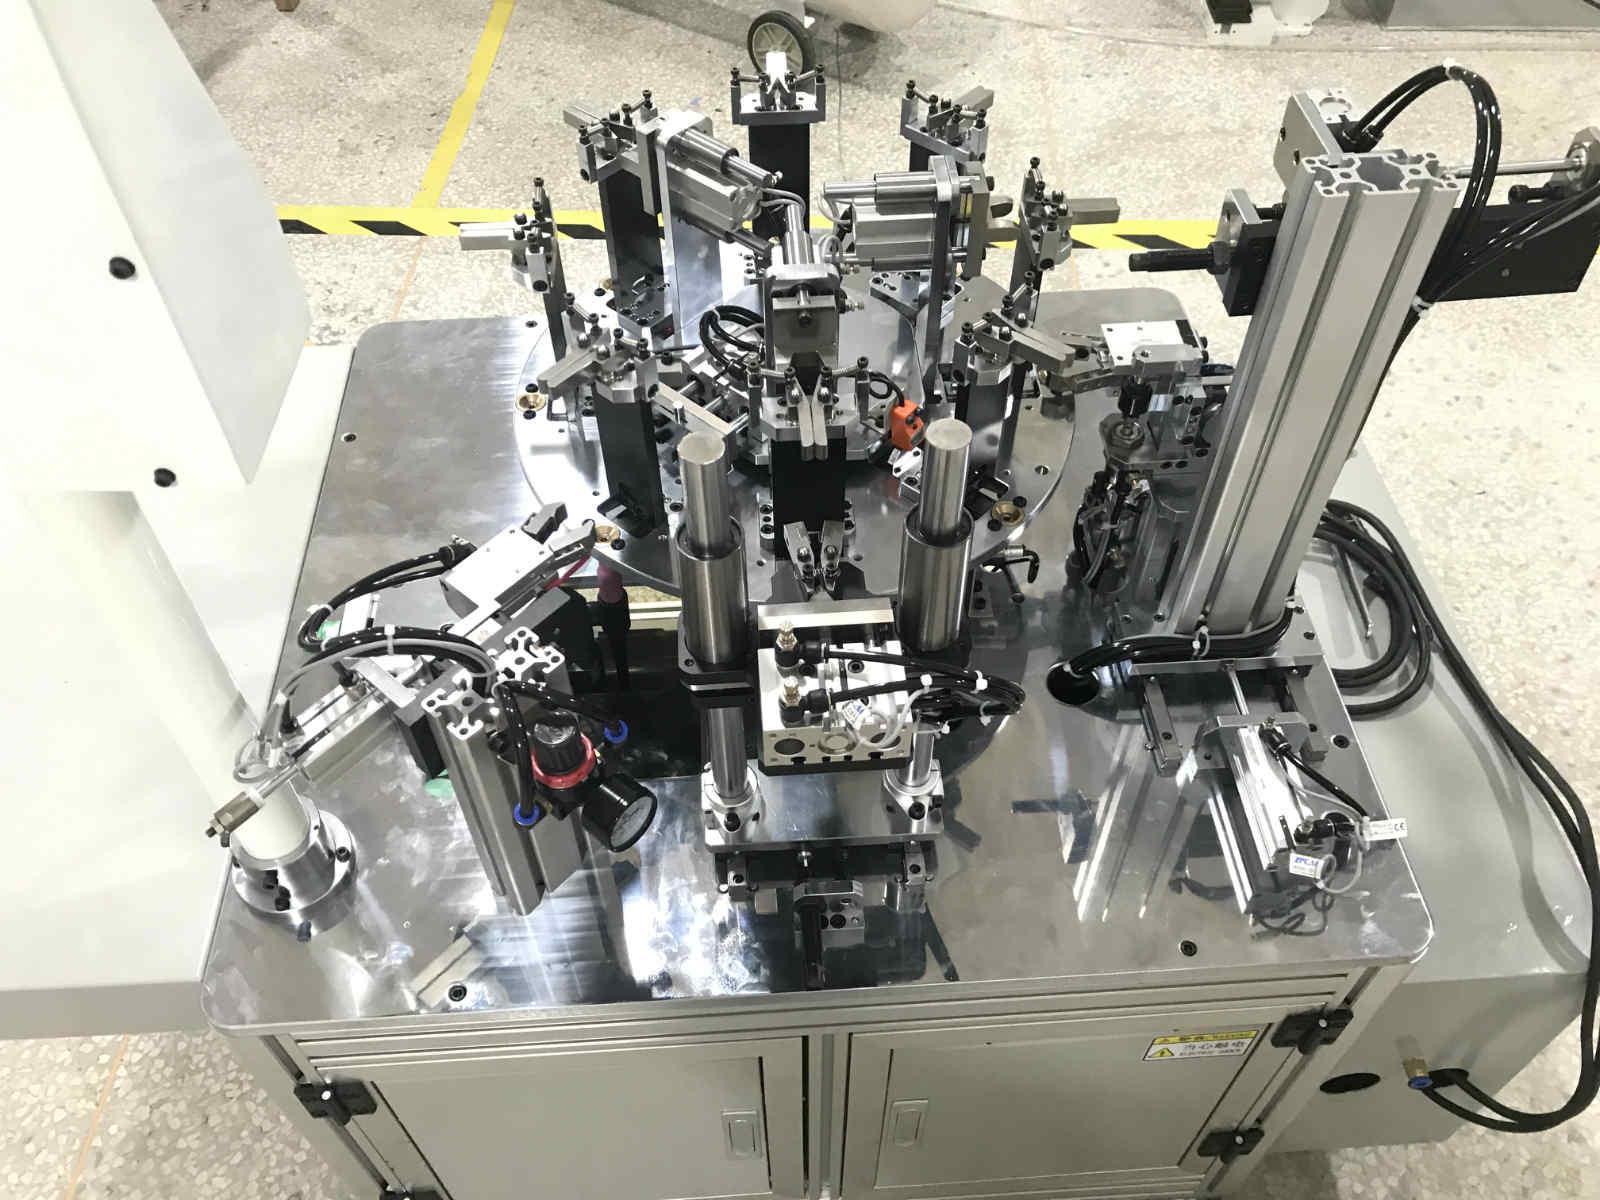 宁波非标自动化-燃具配件组装机-三极插头自动组装机